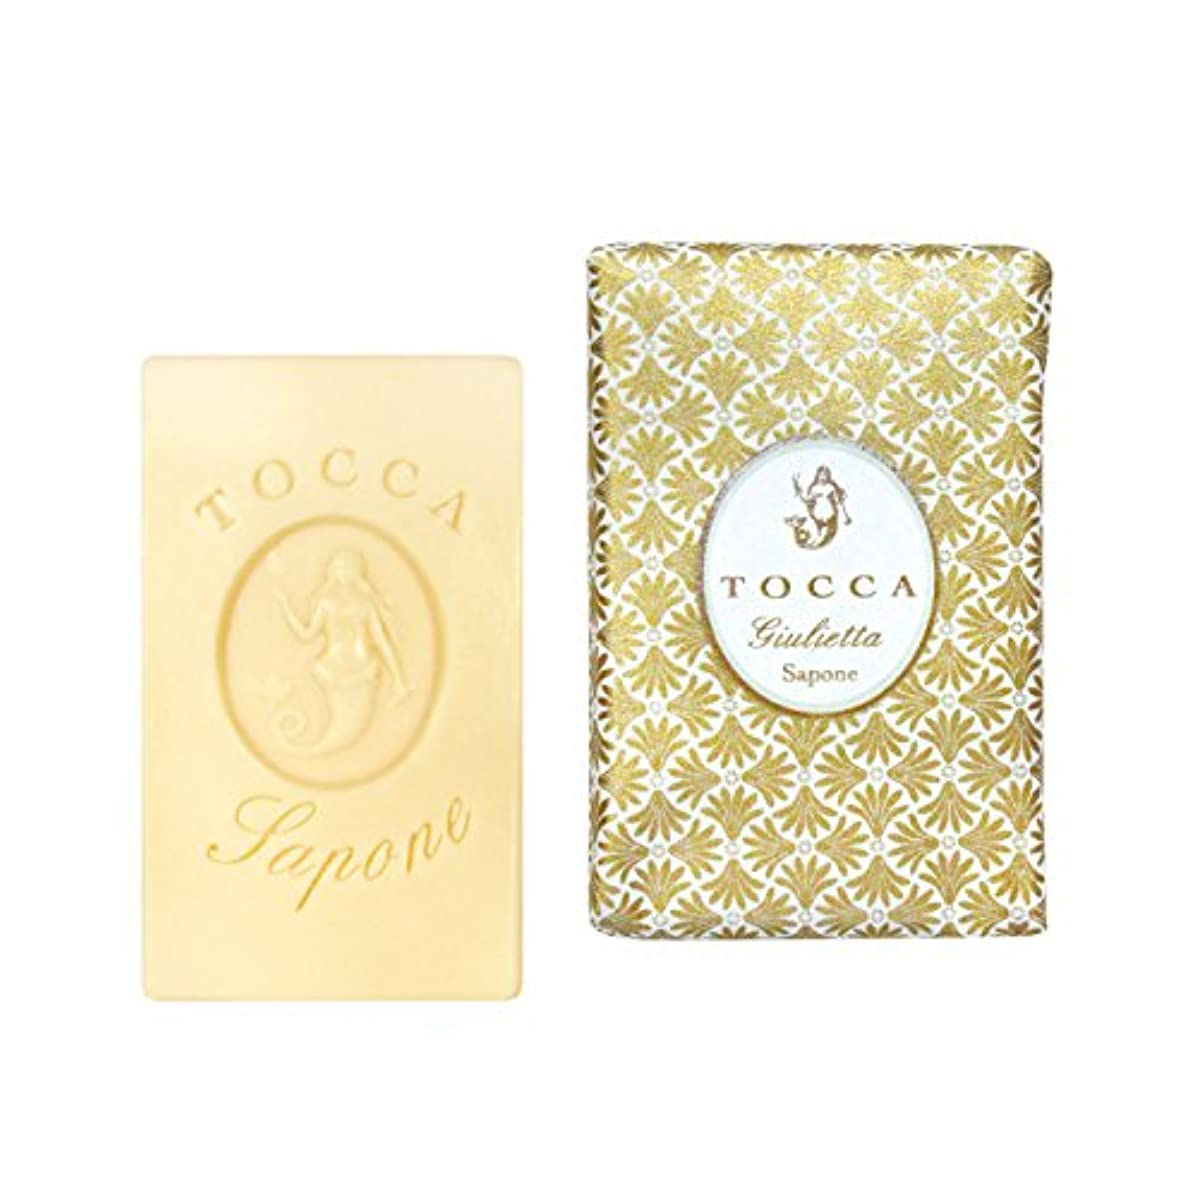 爆発物化粧大惨事トッカ(TOCCA) ソープバー ジュリエッタの香り 113g(化粧石けん ピンクチューリップとグリーンアップルの爽やかで甘い香り)